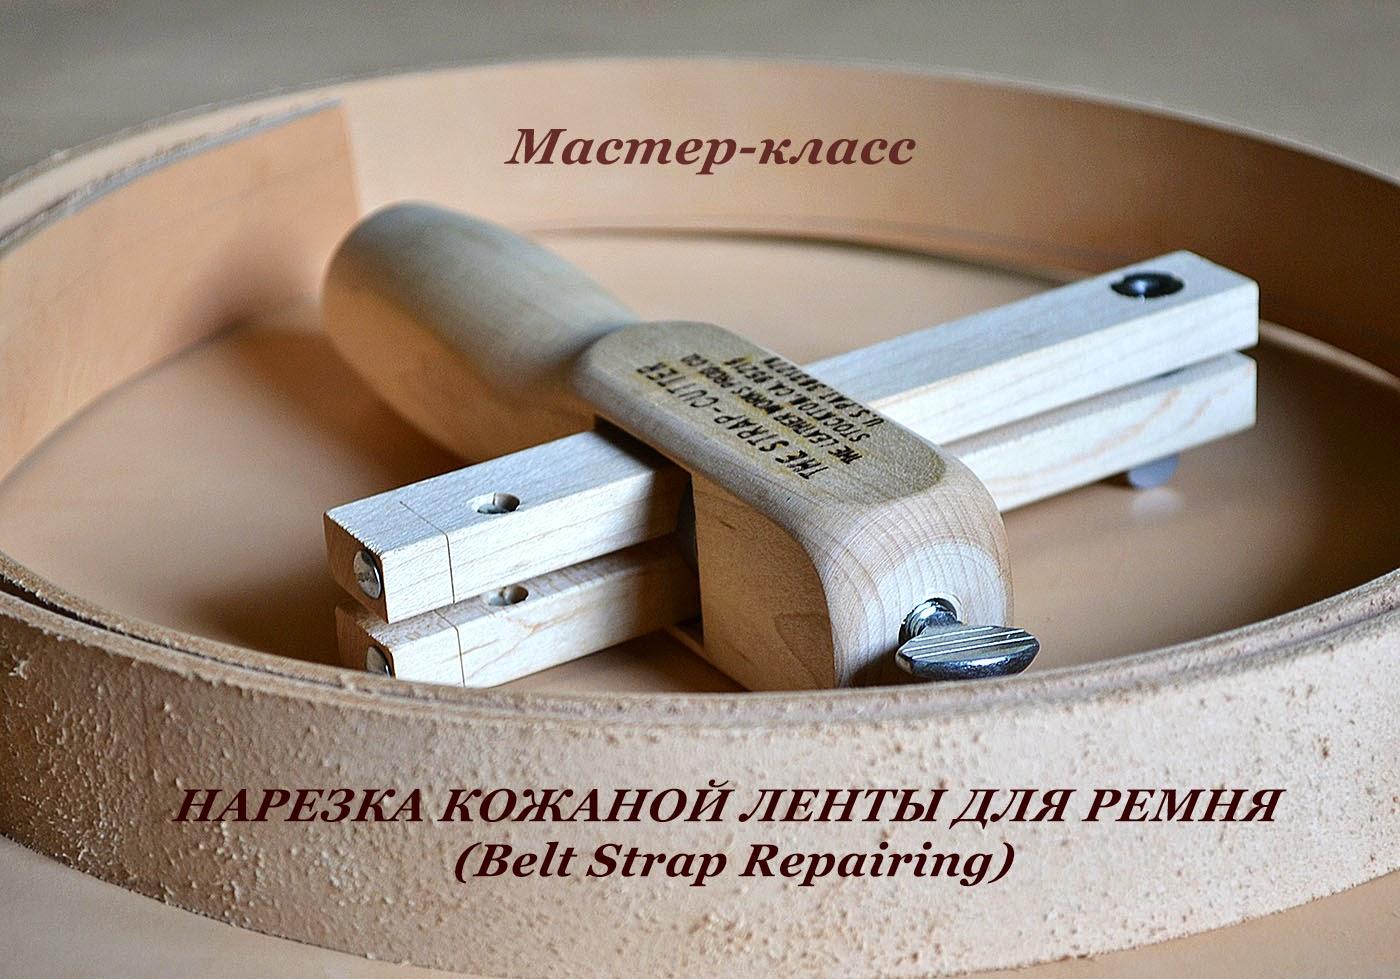 belt strap repairing